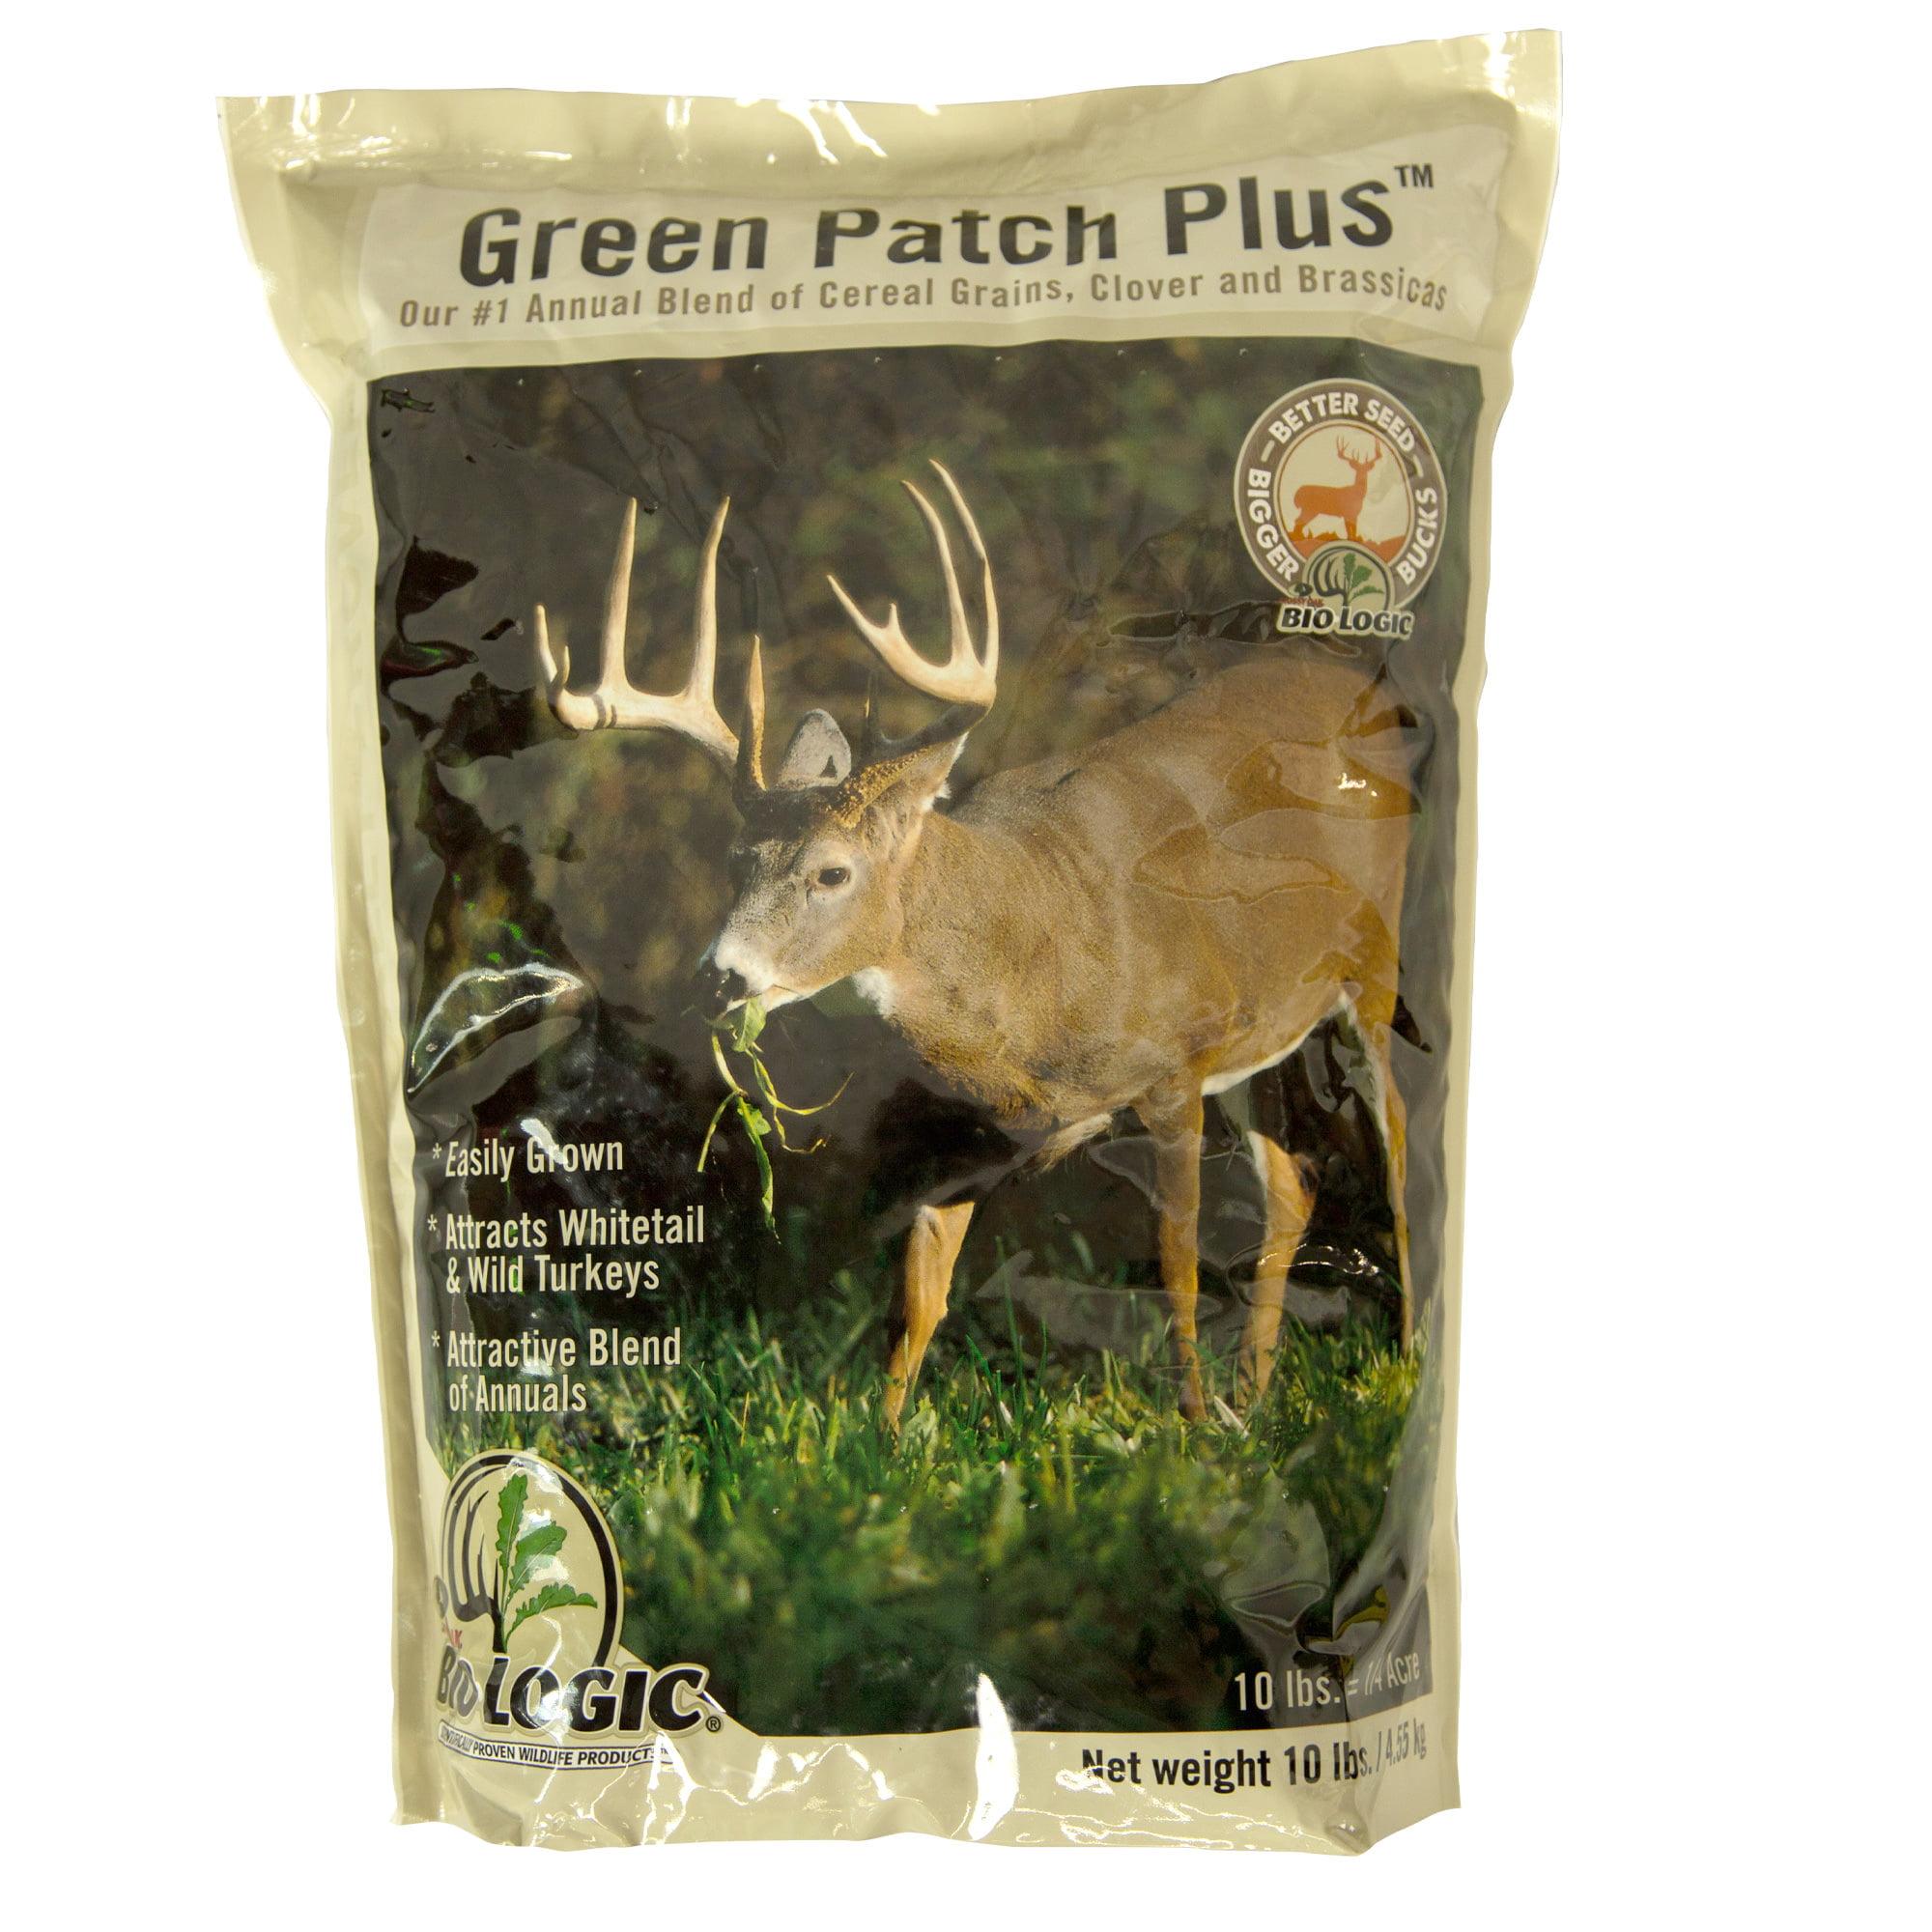 Mossy Oak BioLogic Green Patch Plus Food Plot Seed for Deer